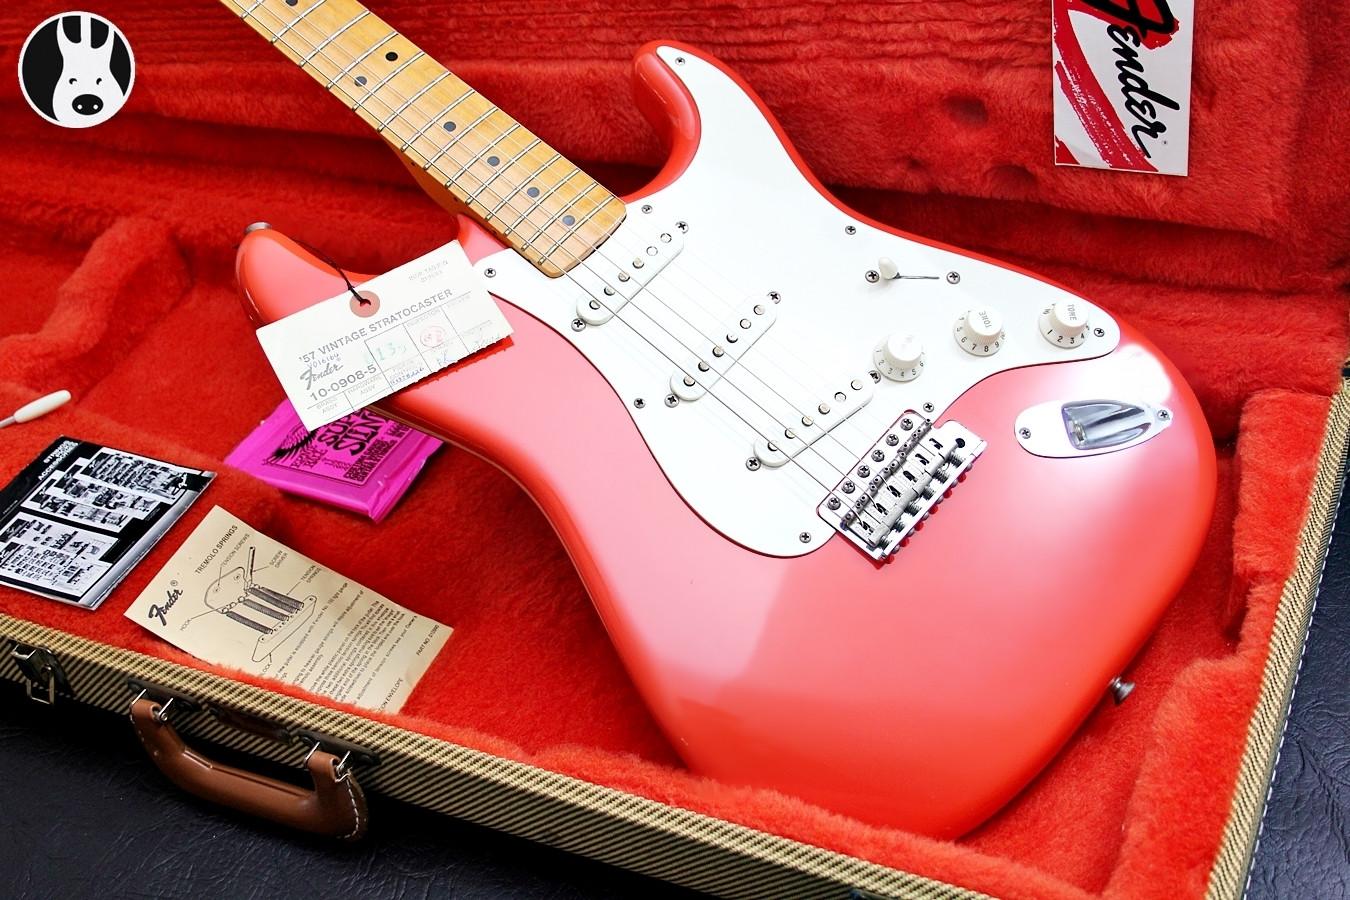 Fullerton Era (1982-1984) Fender Reissues